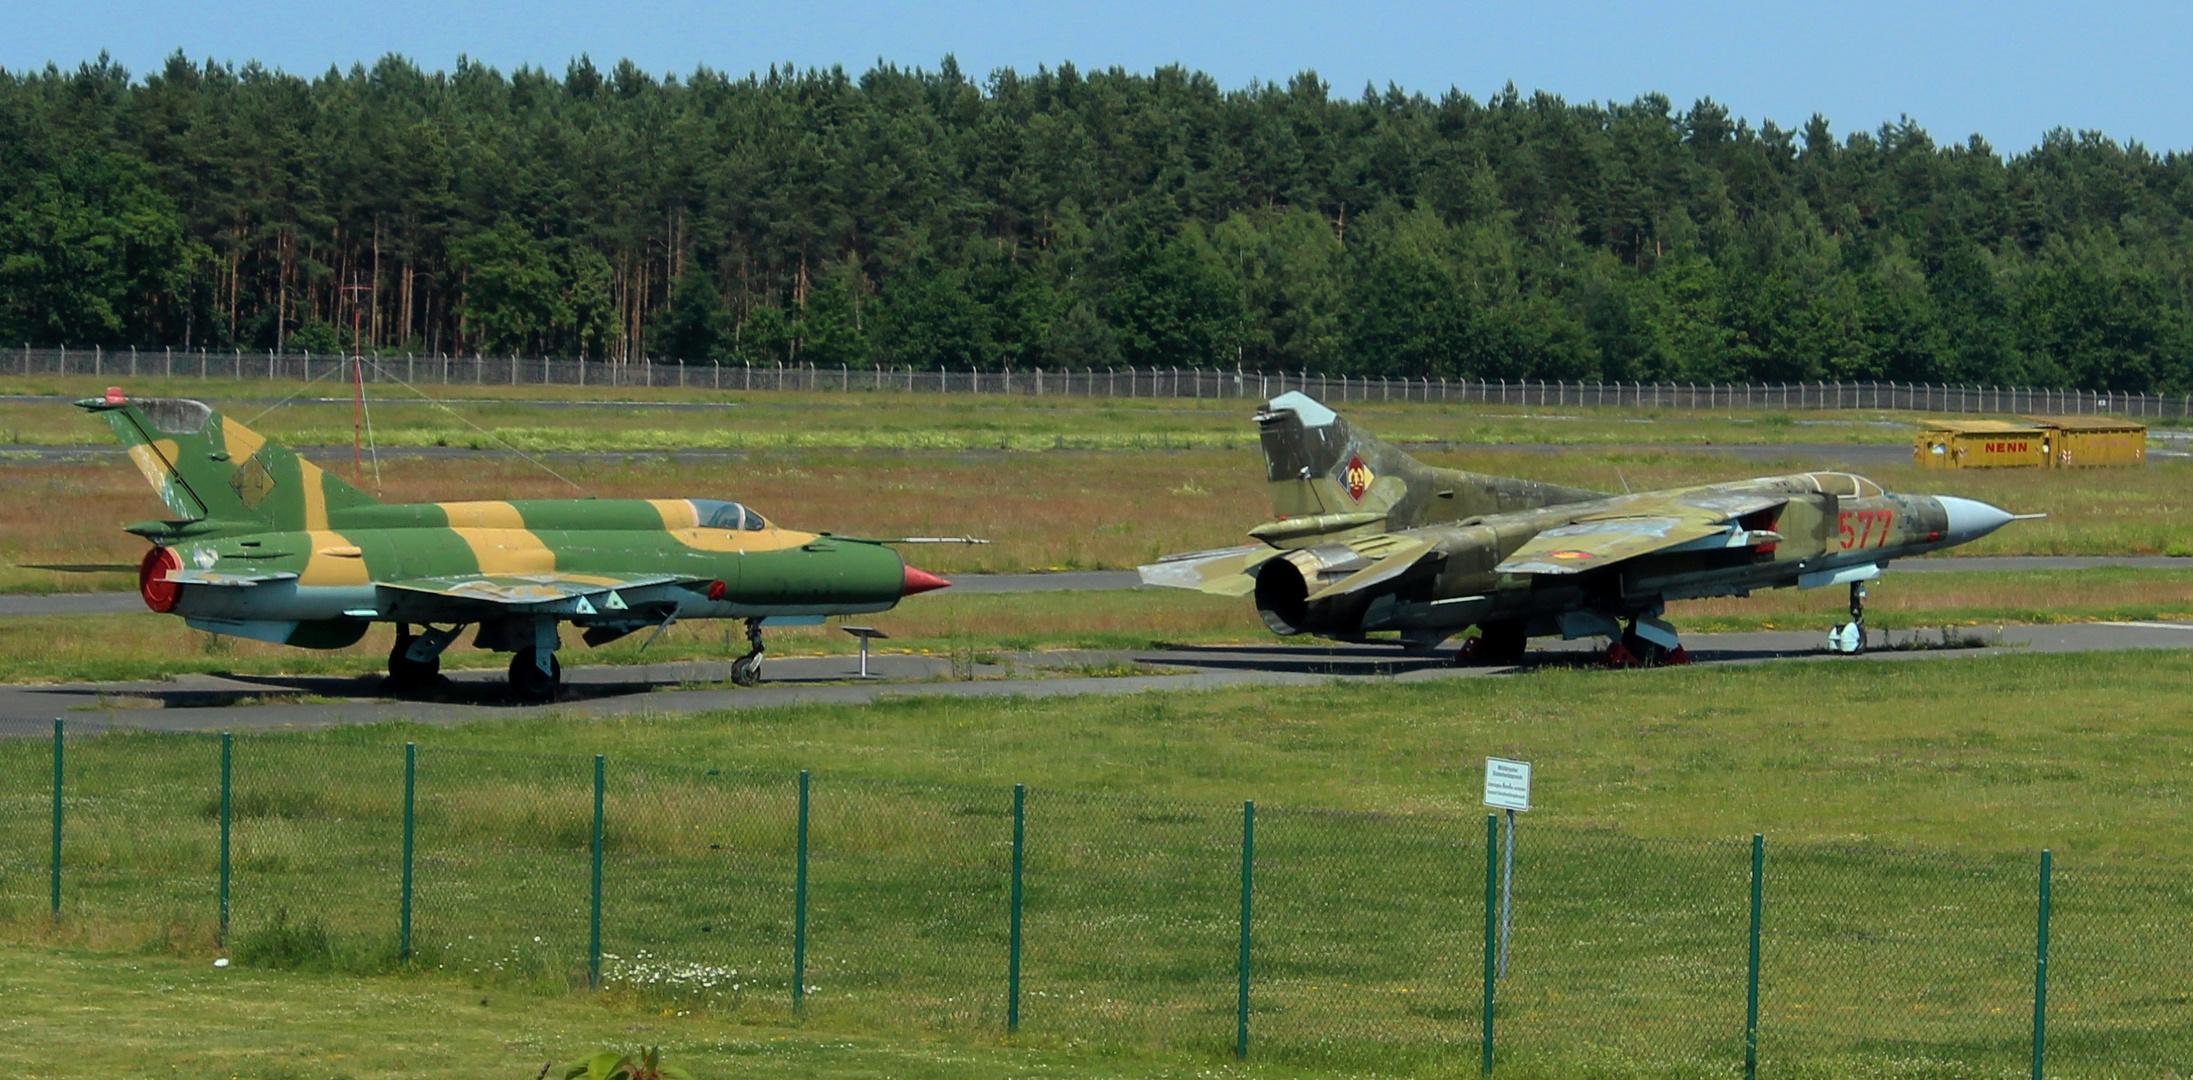 Luftwaffenmuseum Gatow Part 6